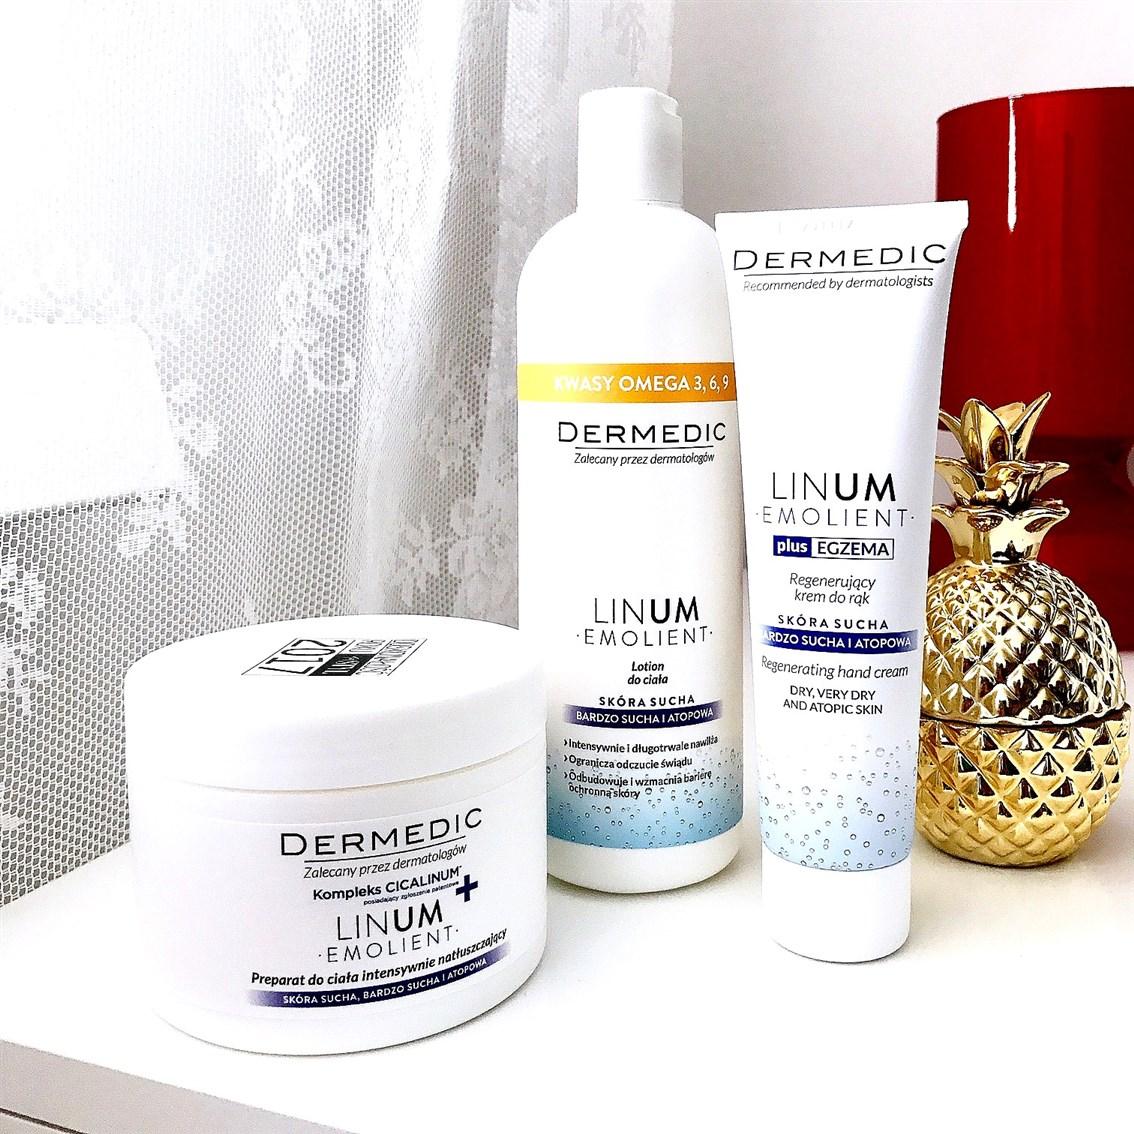 zdjęcie przedstawiające kosmetyki Dermedic Linum Emolient